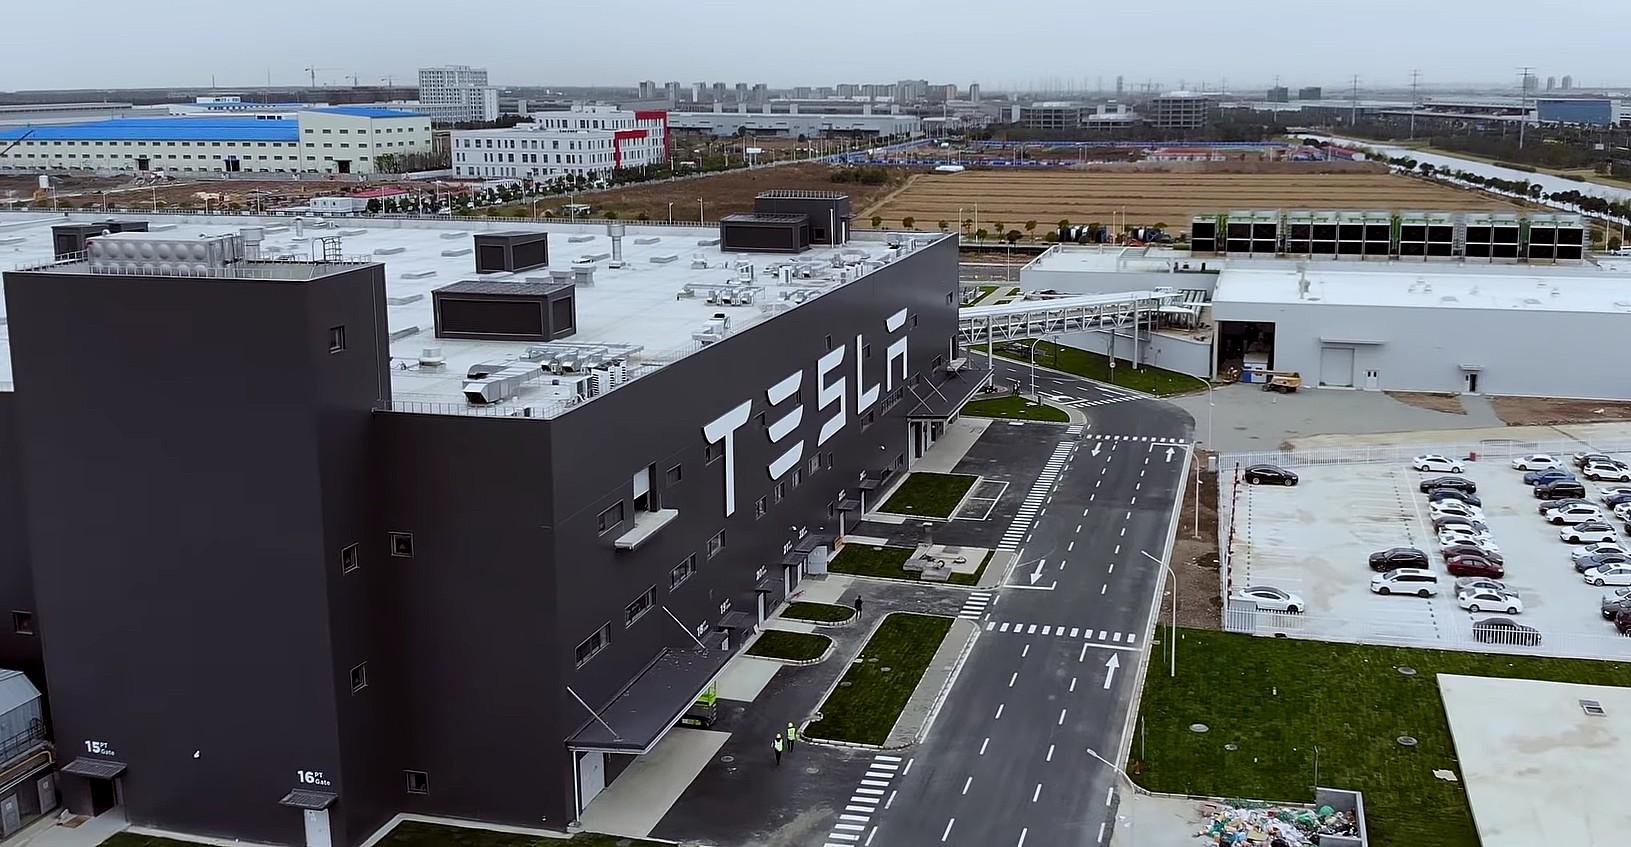 tesla-gigafactory-3-facade